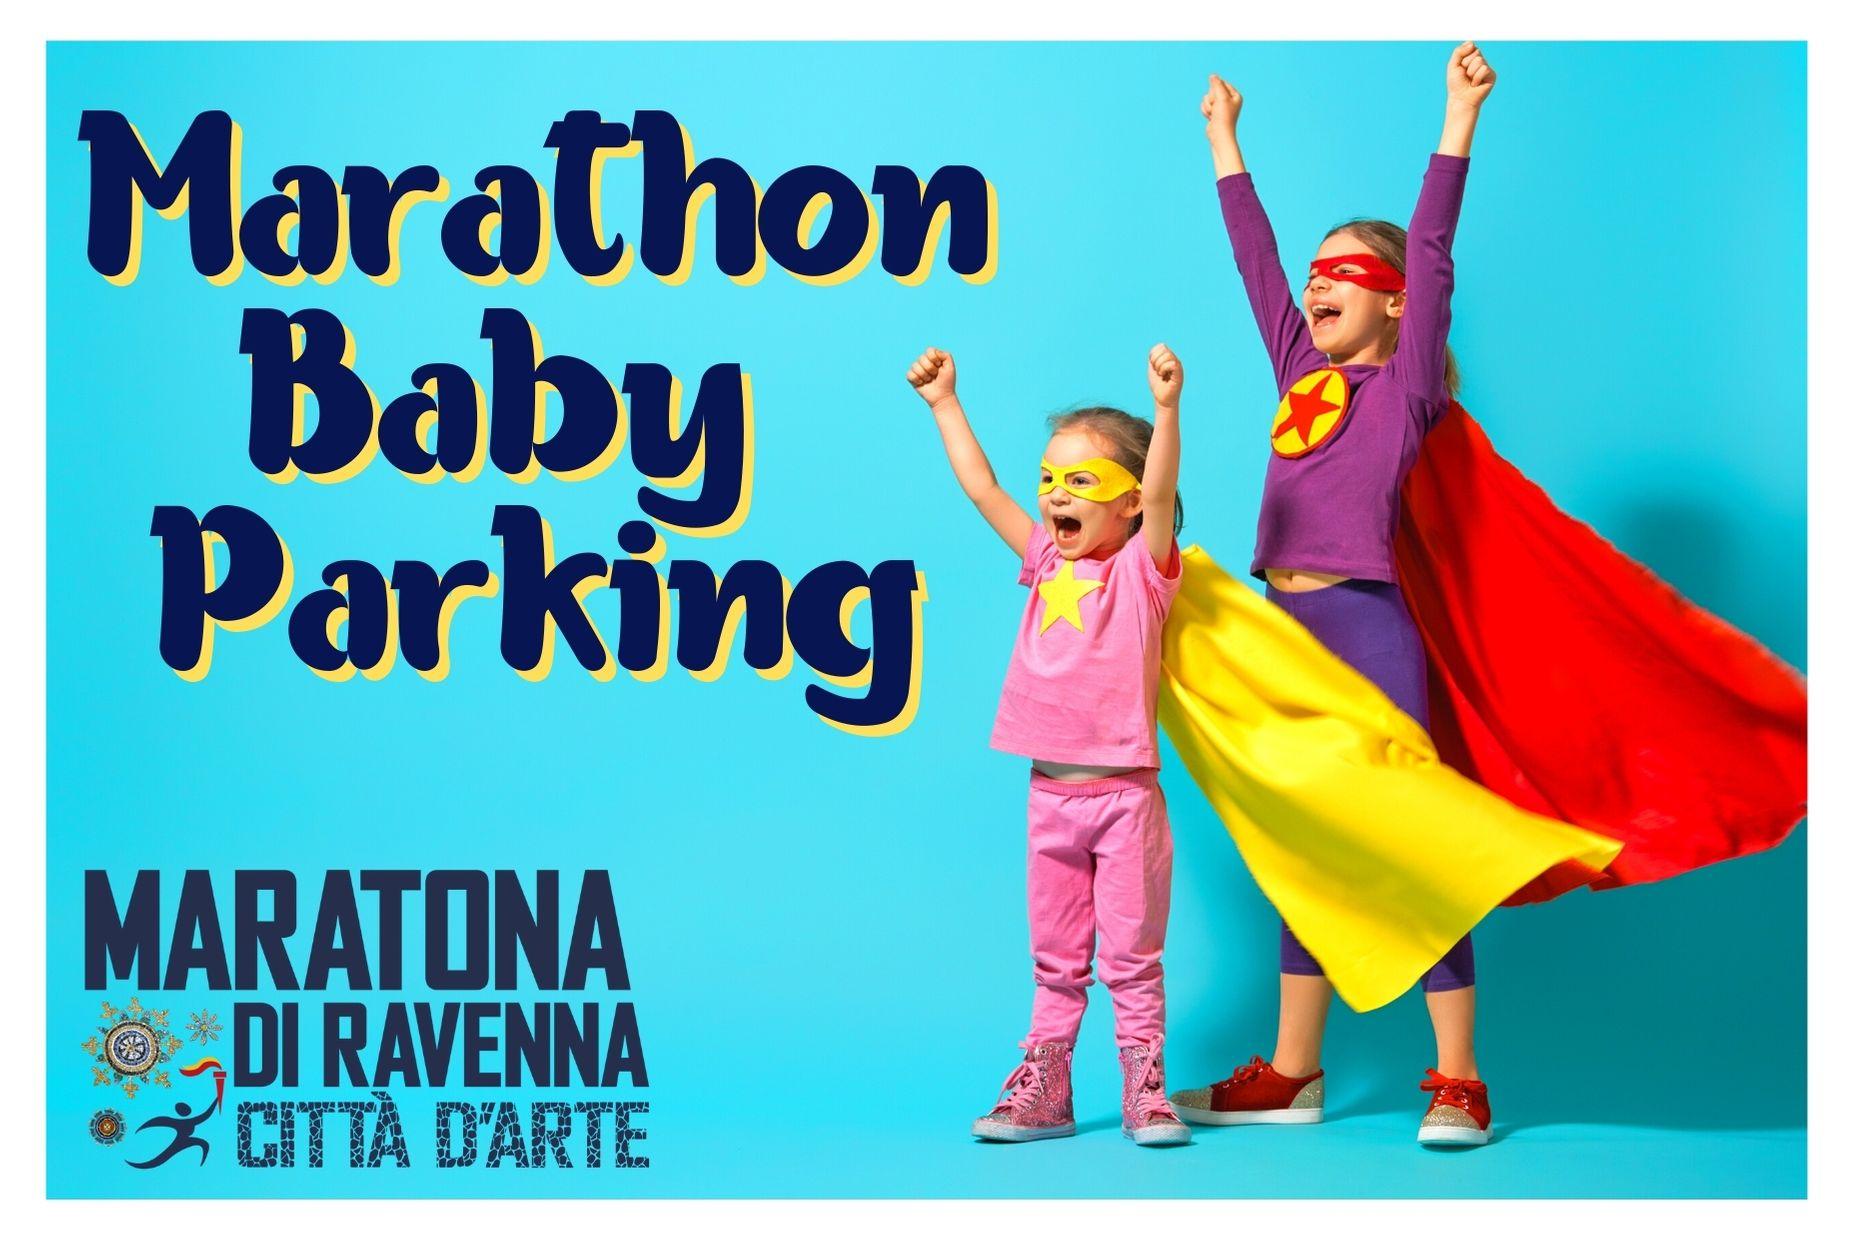 MARATHON BABY PARKING